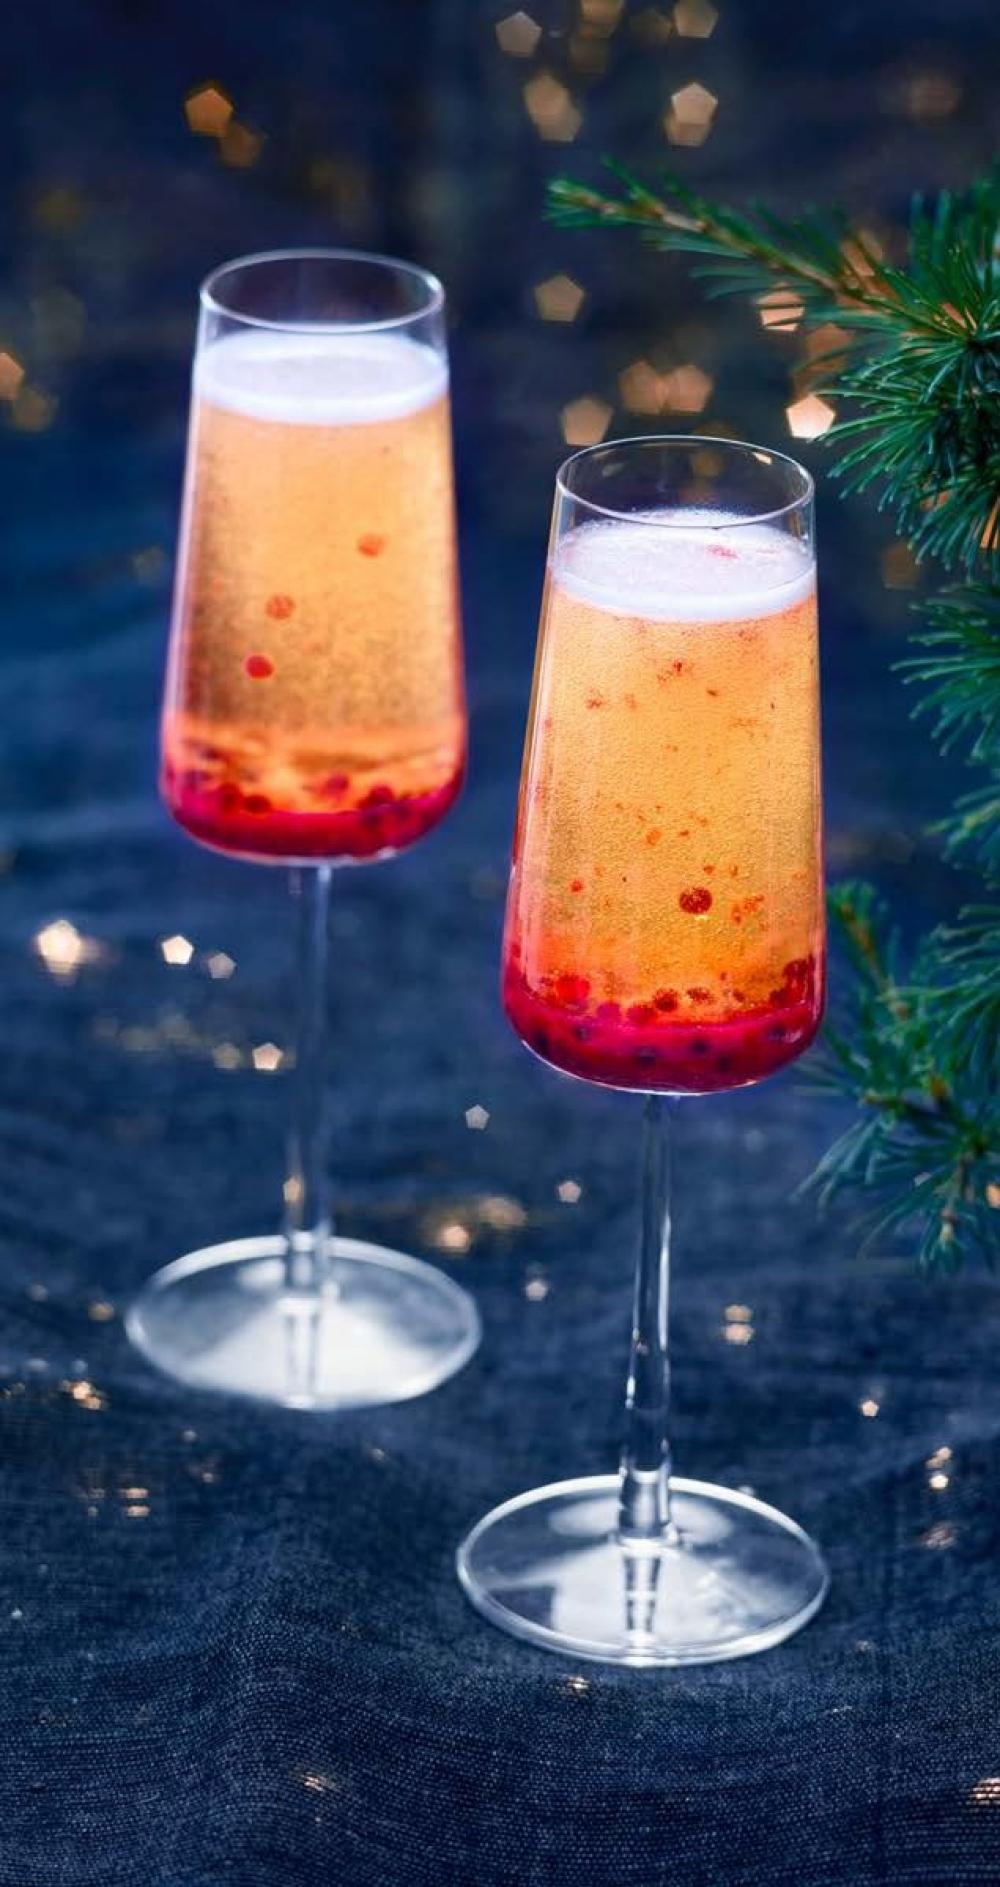 Recipe Cocktail de fêtes – Champagne & Framboises